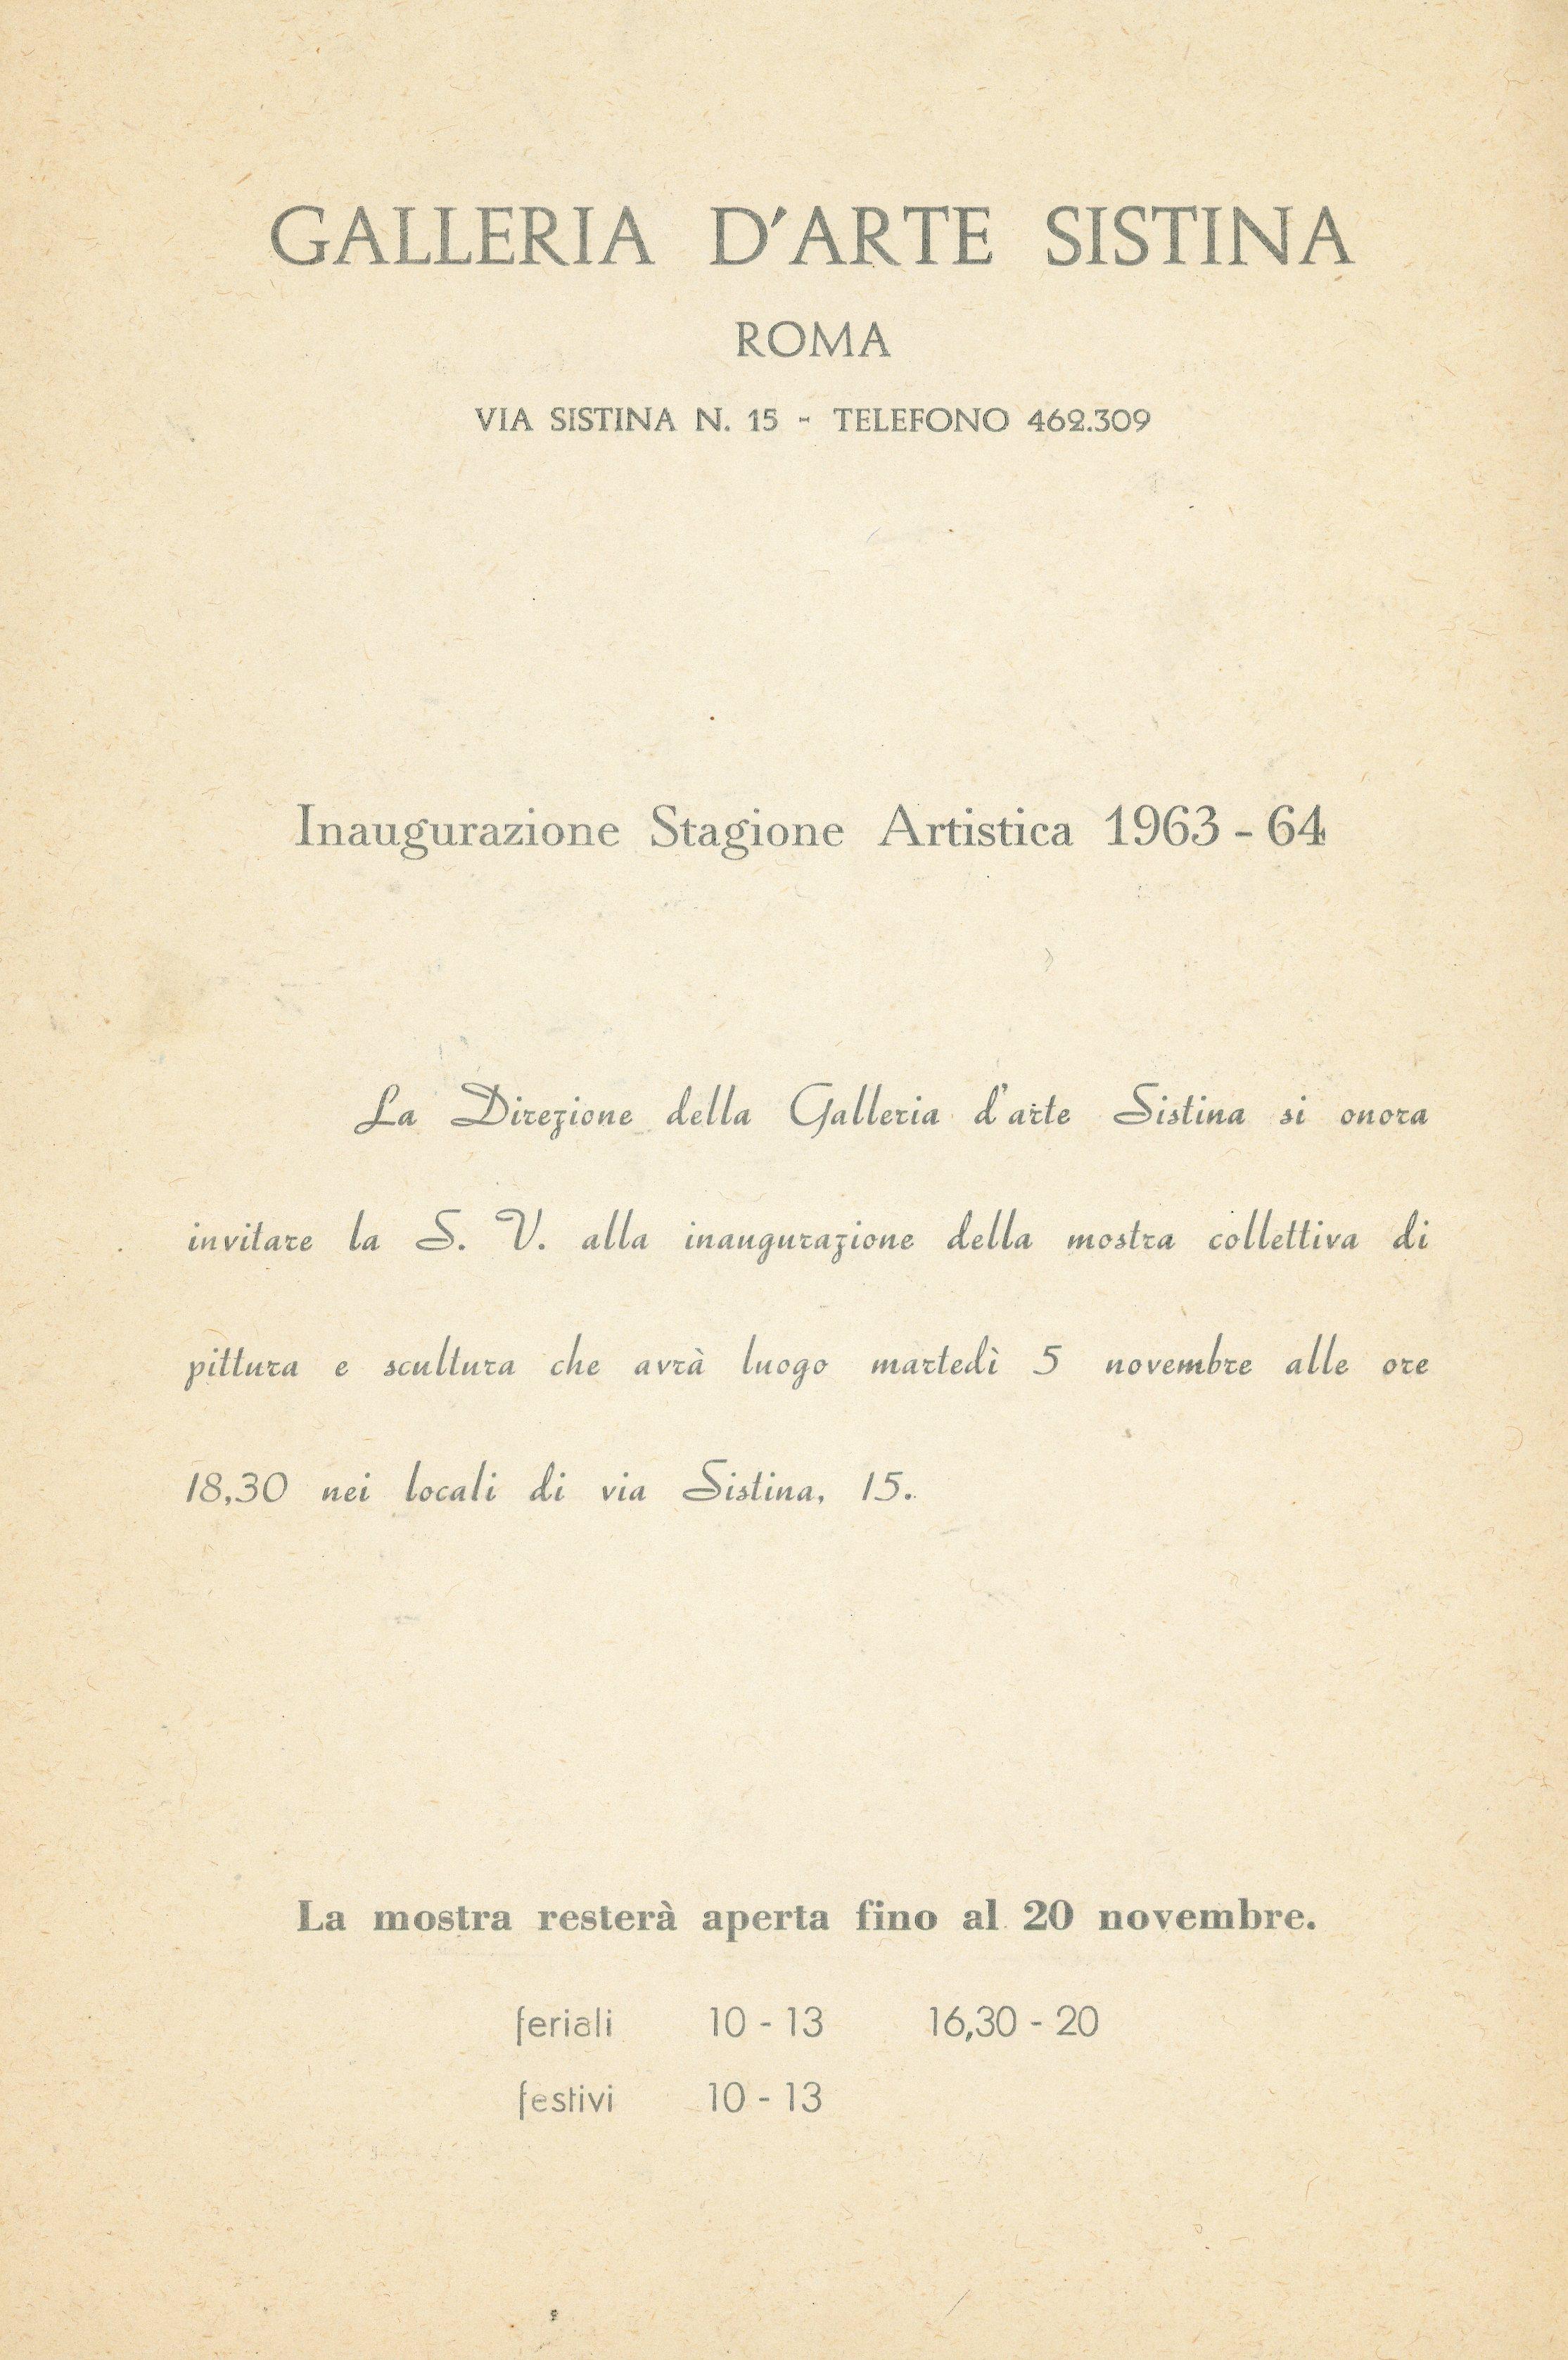 1964 - Galleria d Arte Sistina - Bruno Caruso_01.jpg